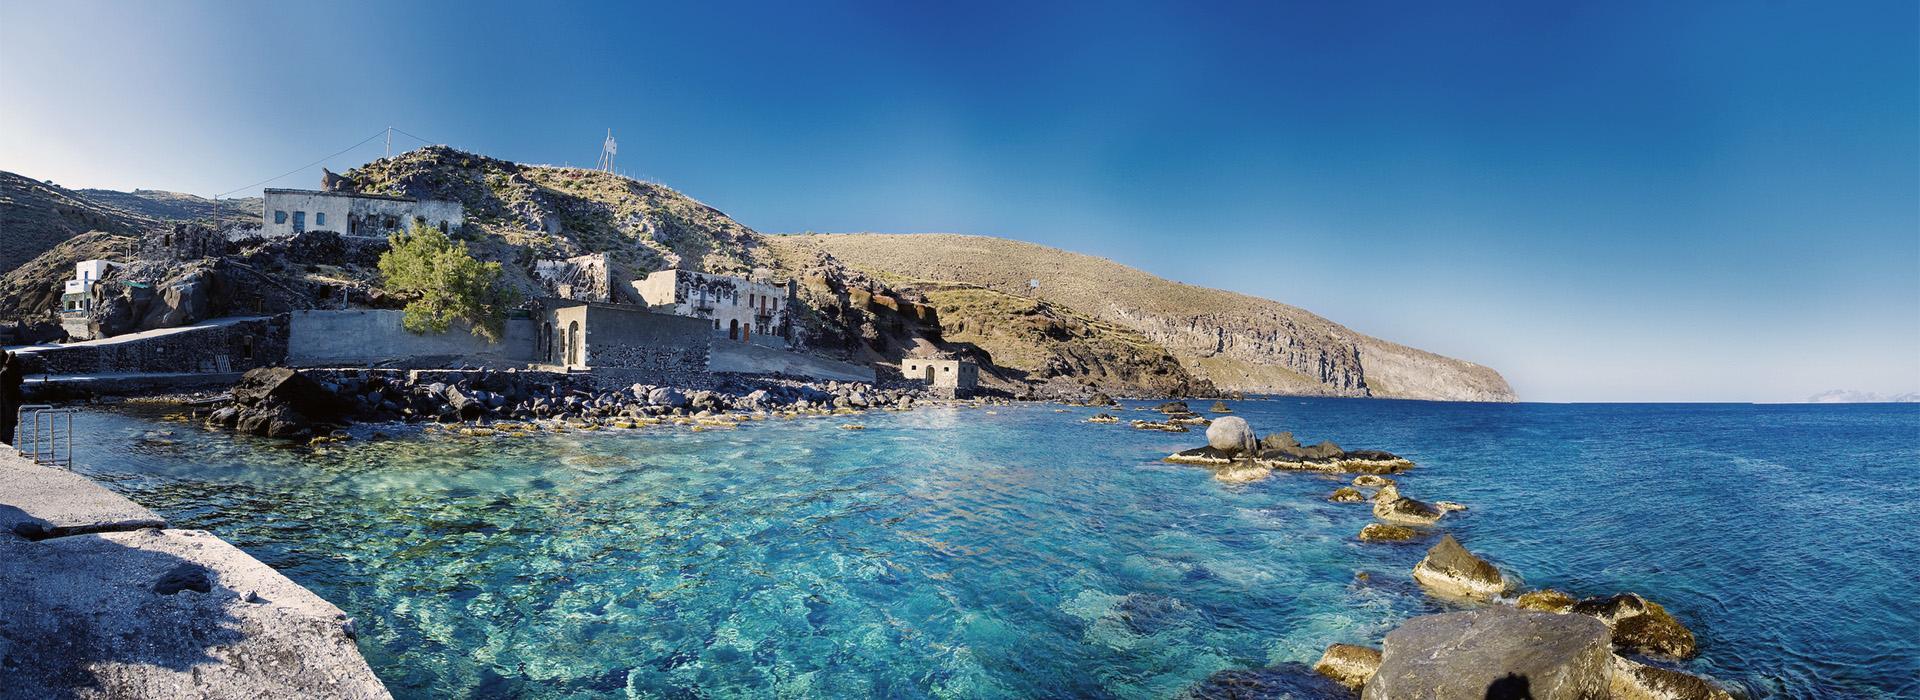 Ниссирос – остров-вулкан, имеющий семь кратеров